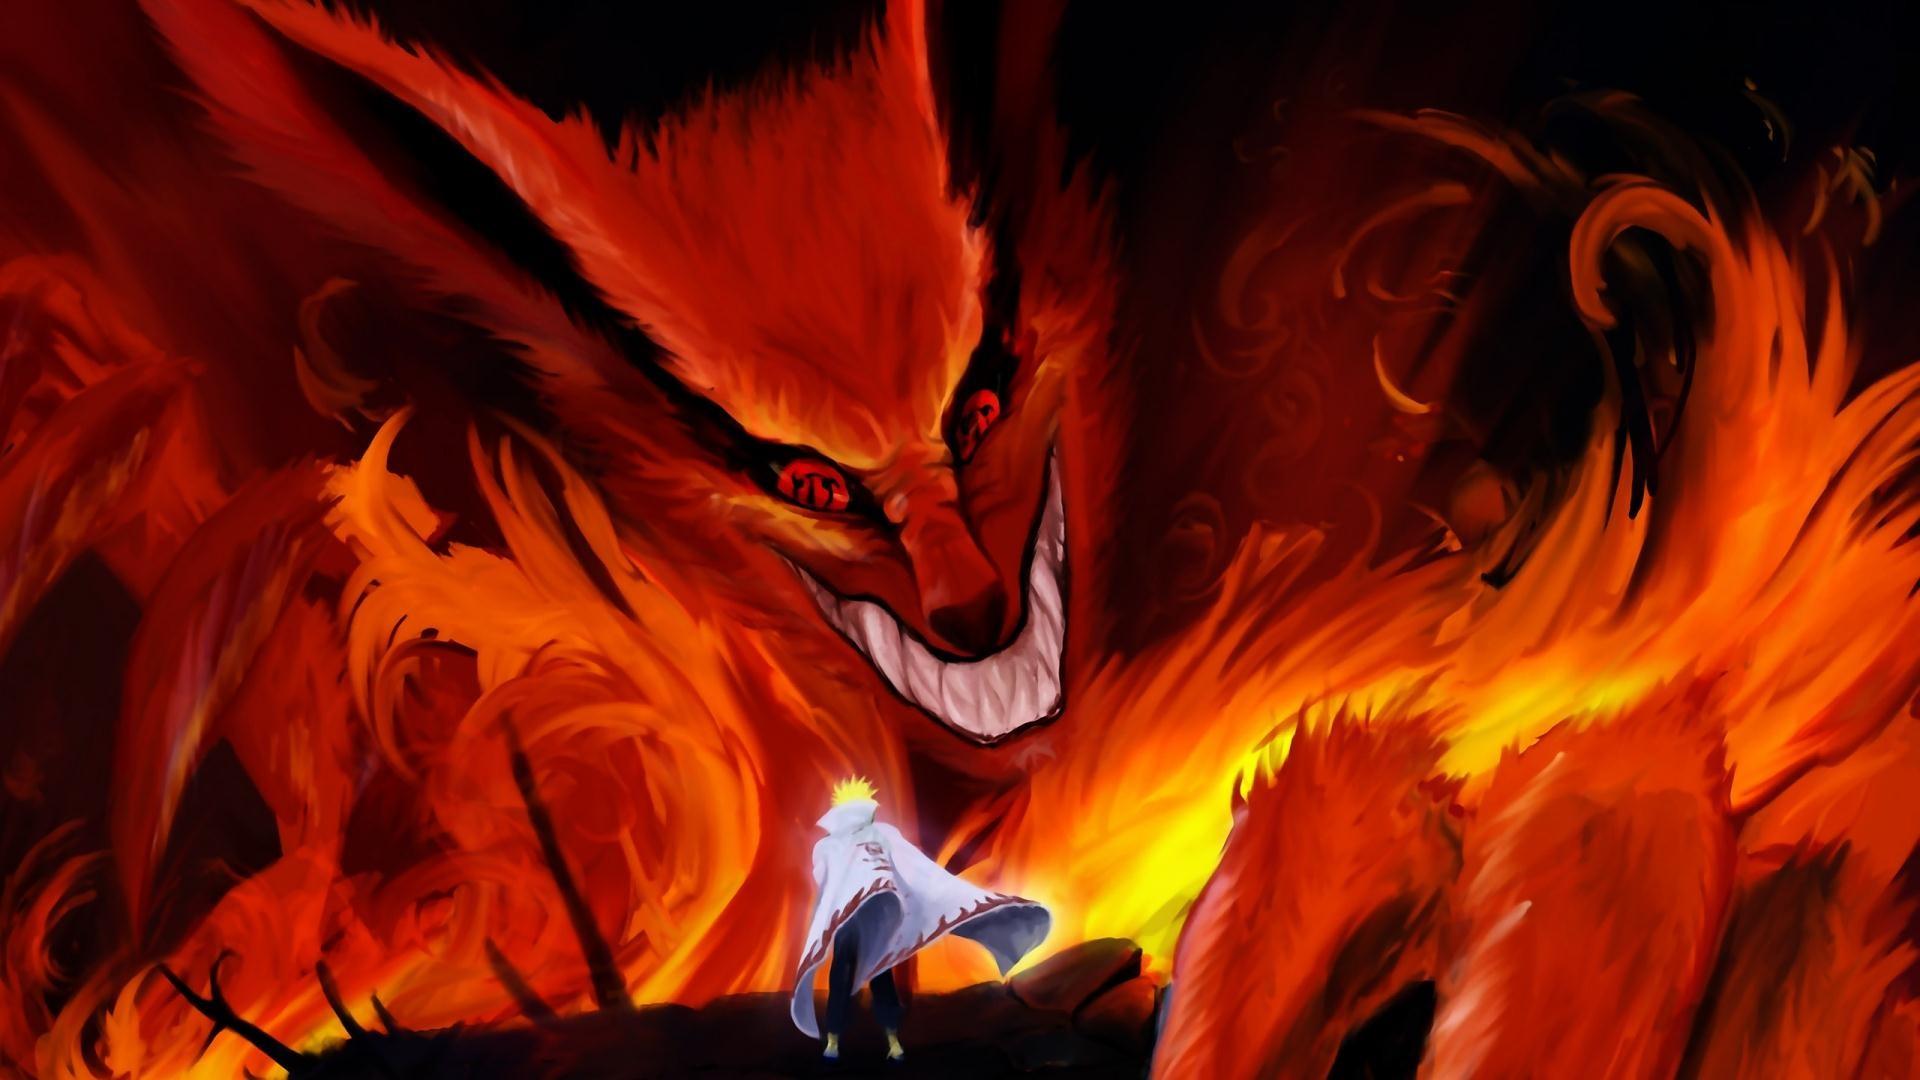 630 Koleksi Gambar Keren Naruto Hd Terbaru